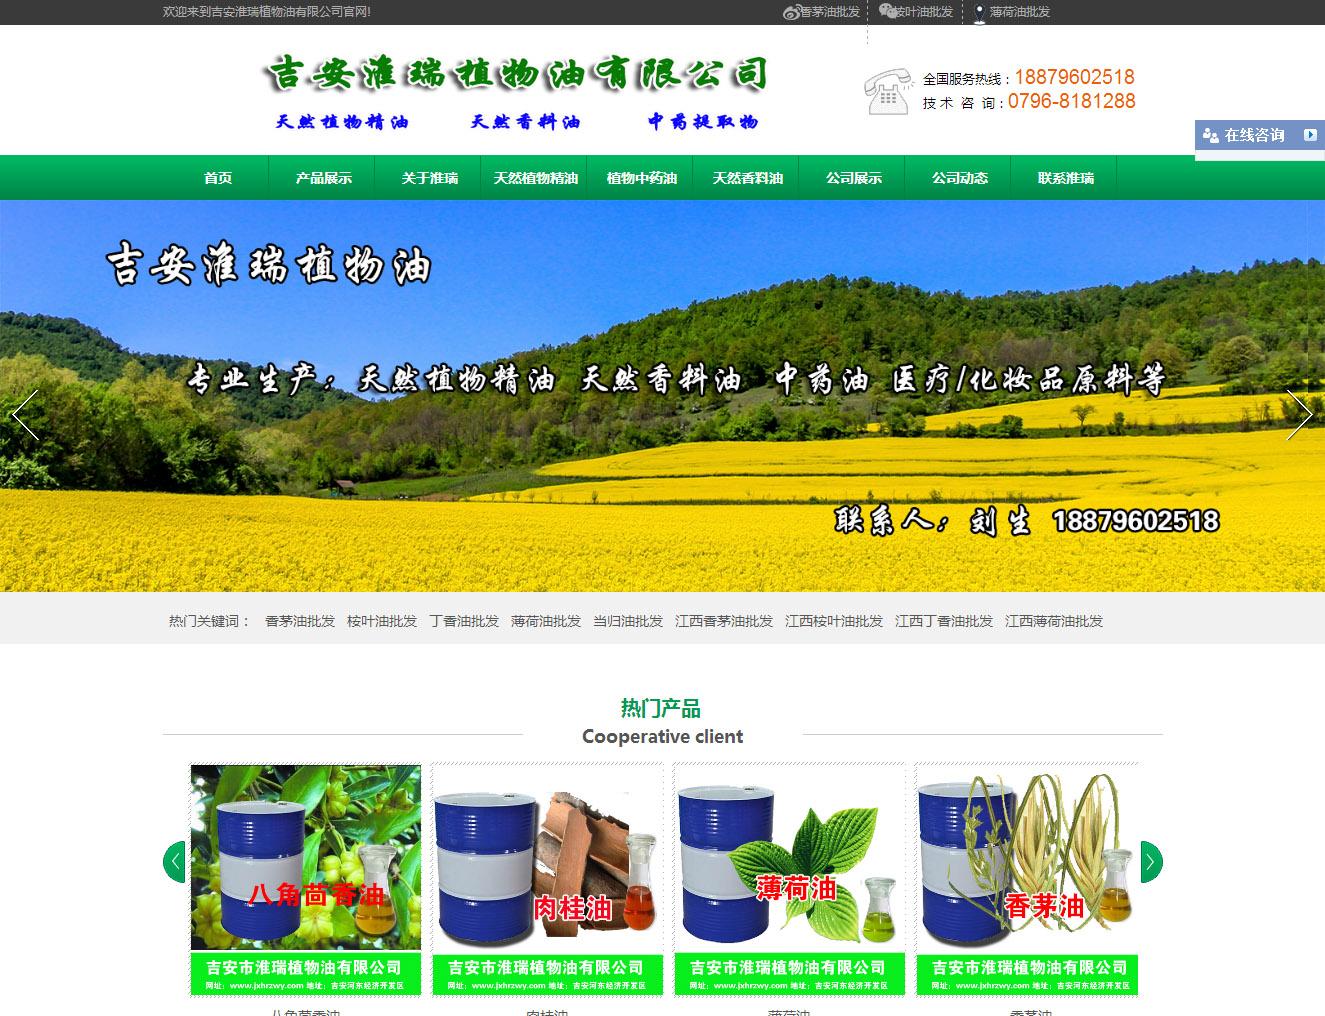 吉安淮瑞植物油有限公司